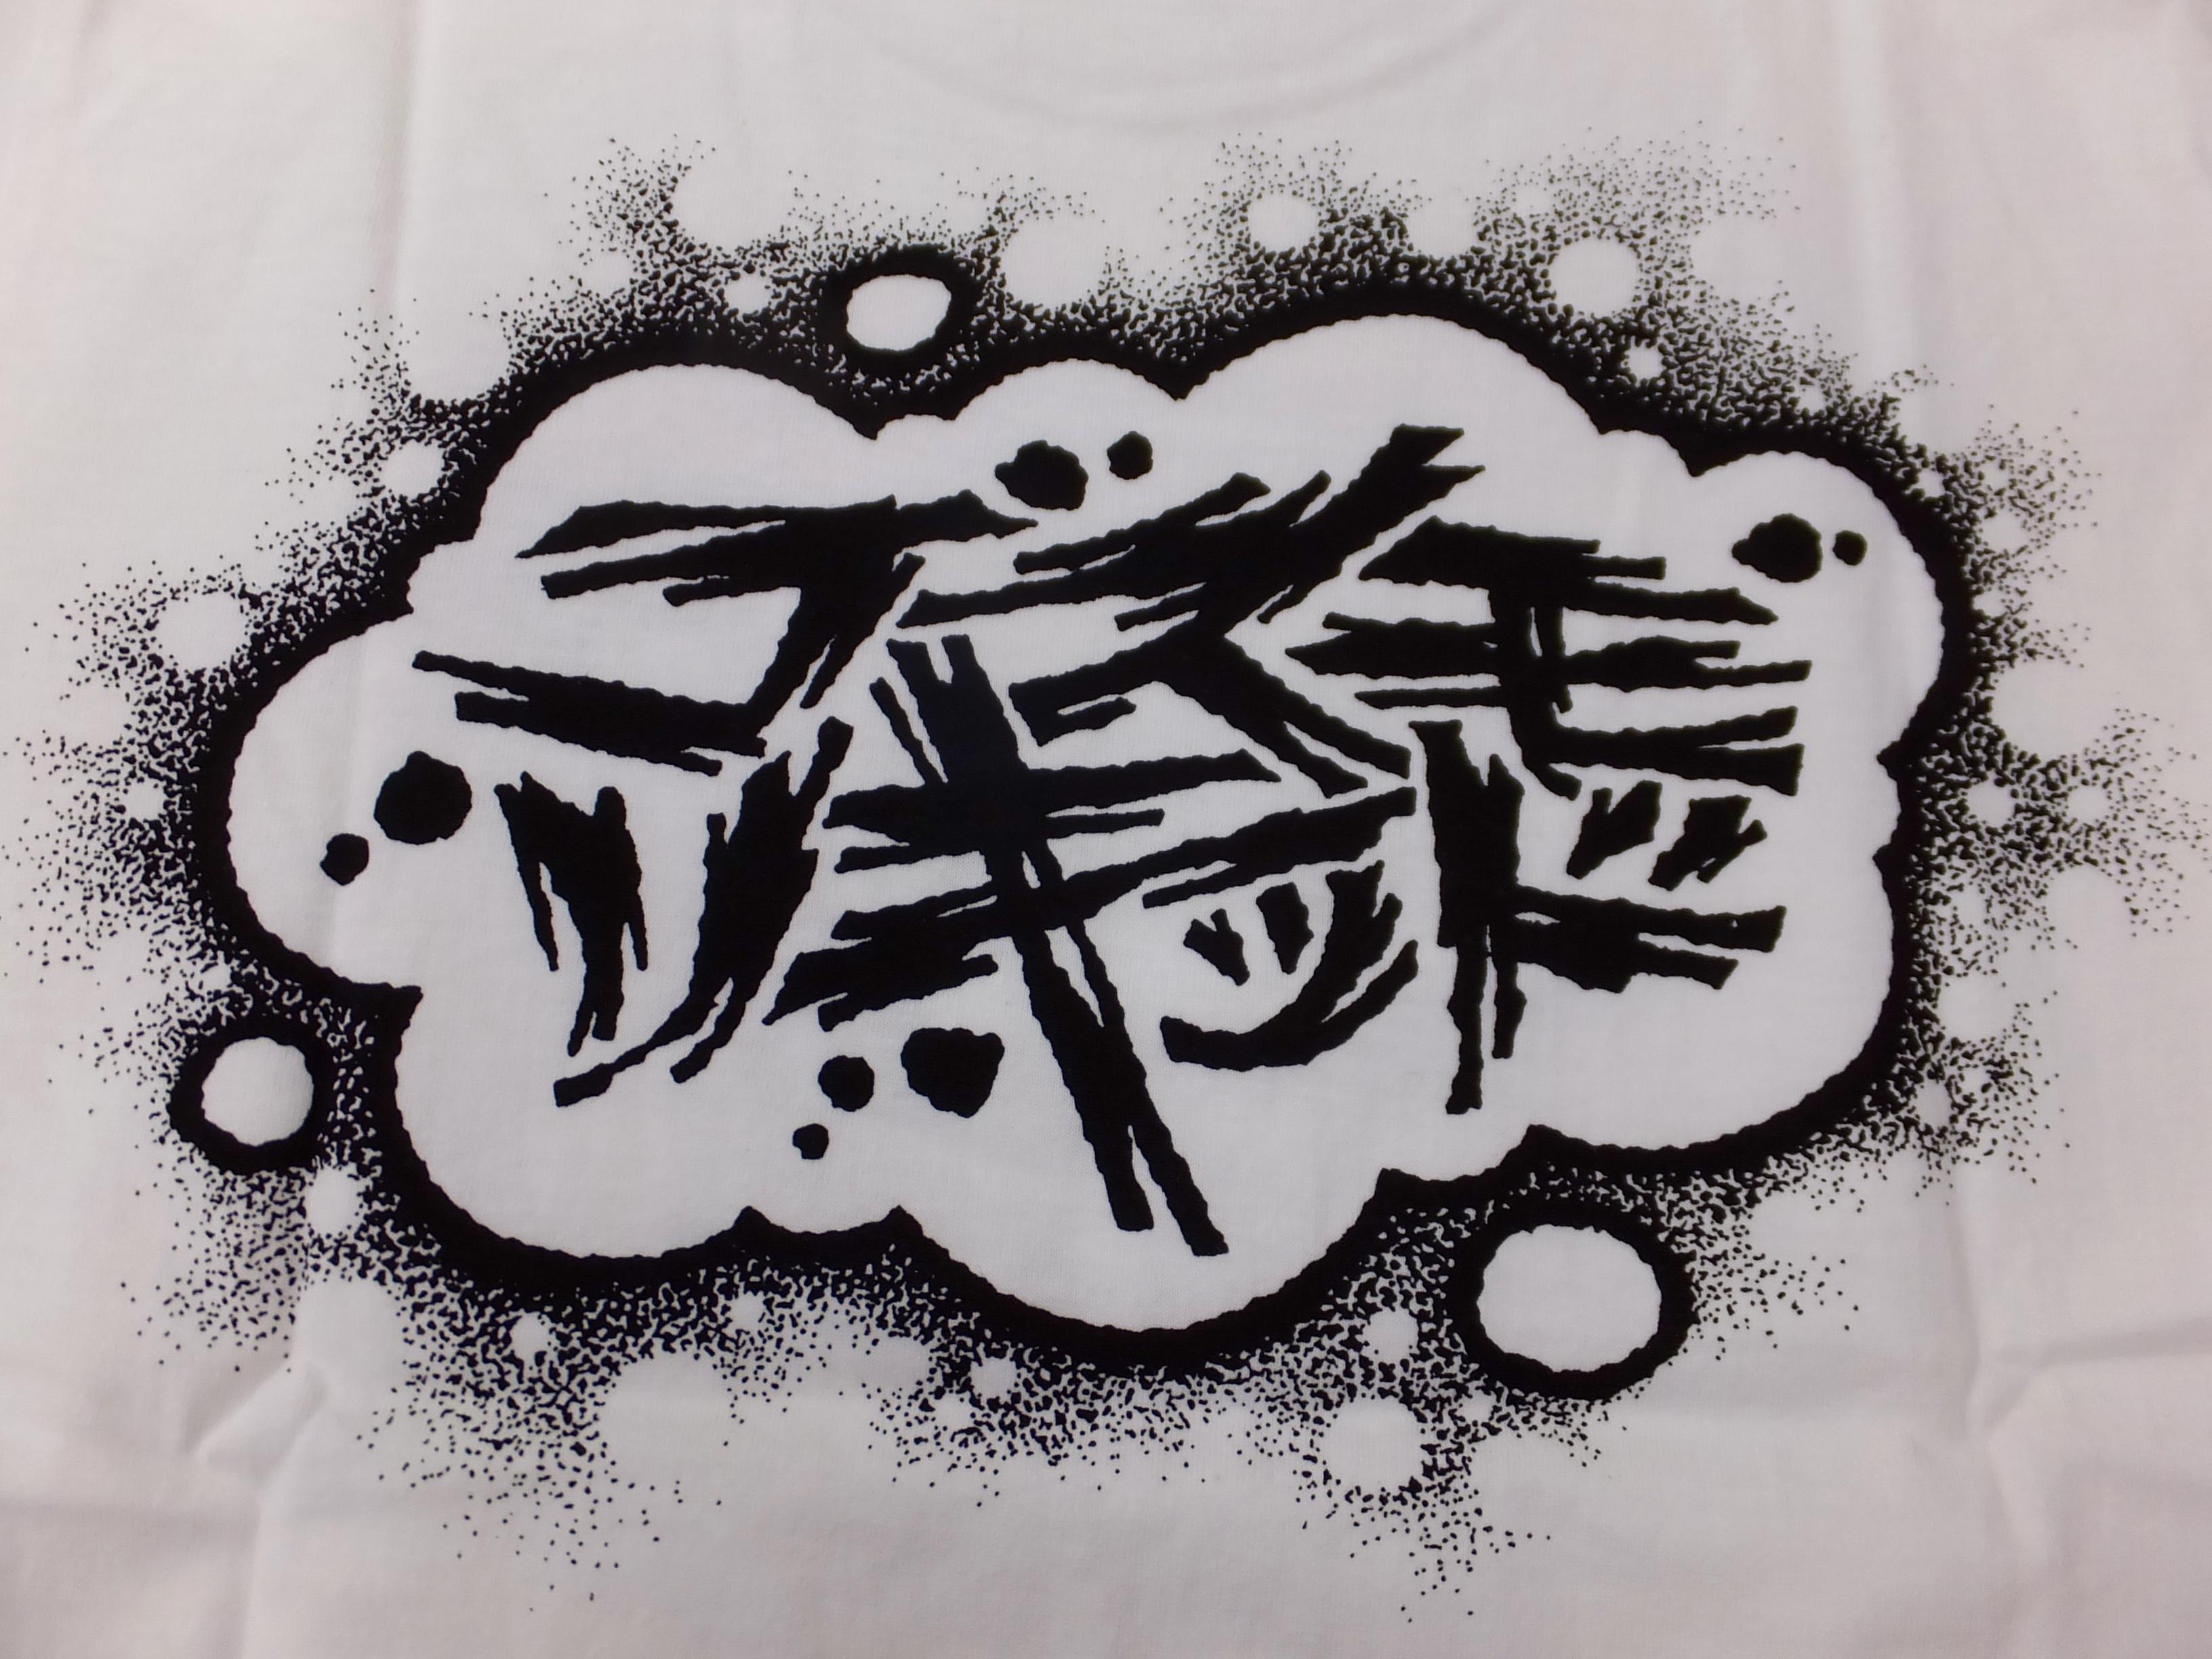 コスモリキッド Tee design by PUSHEAD